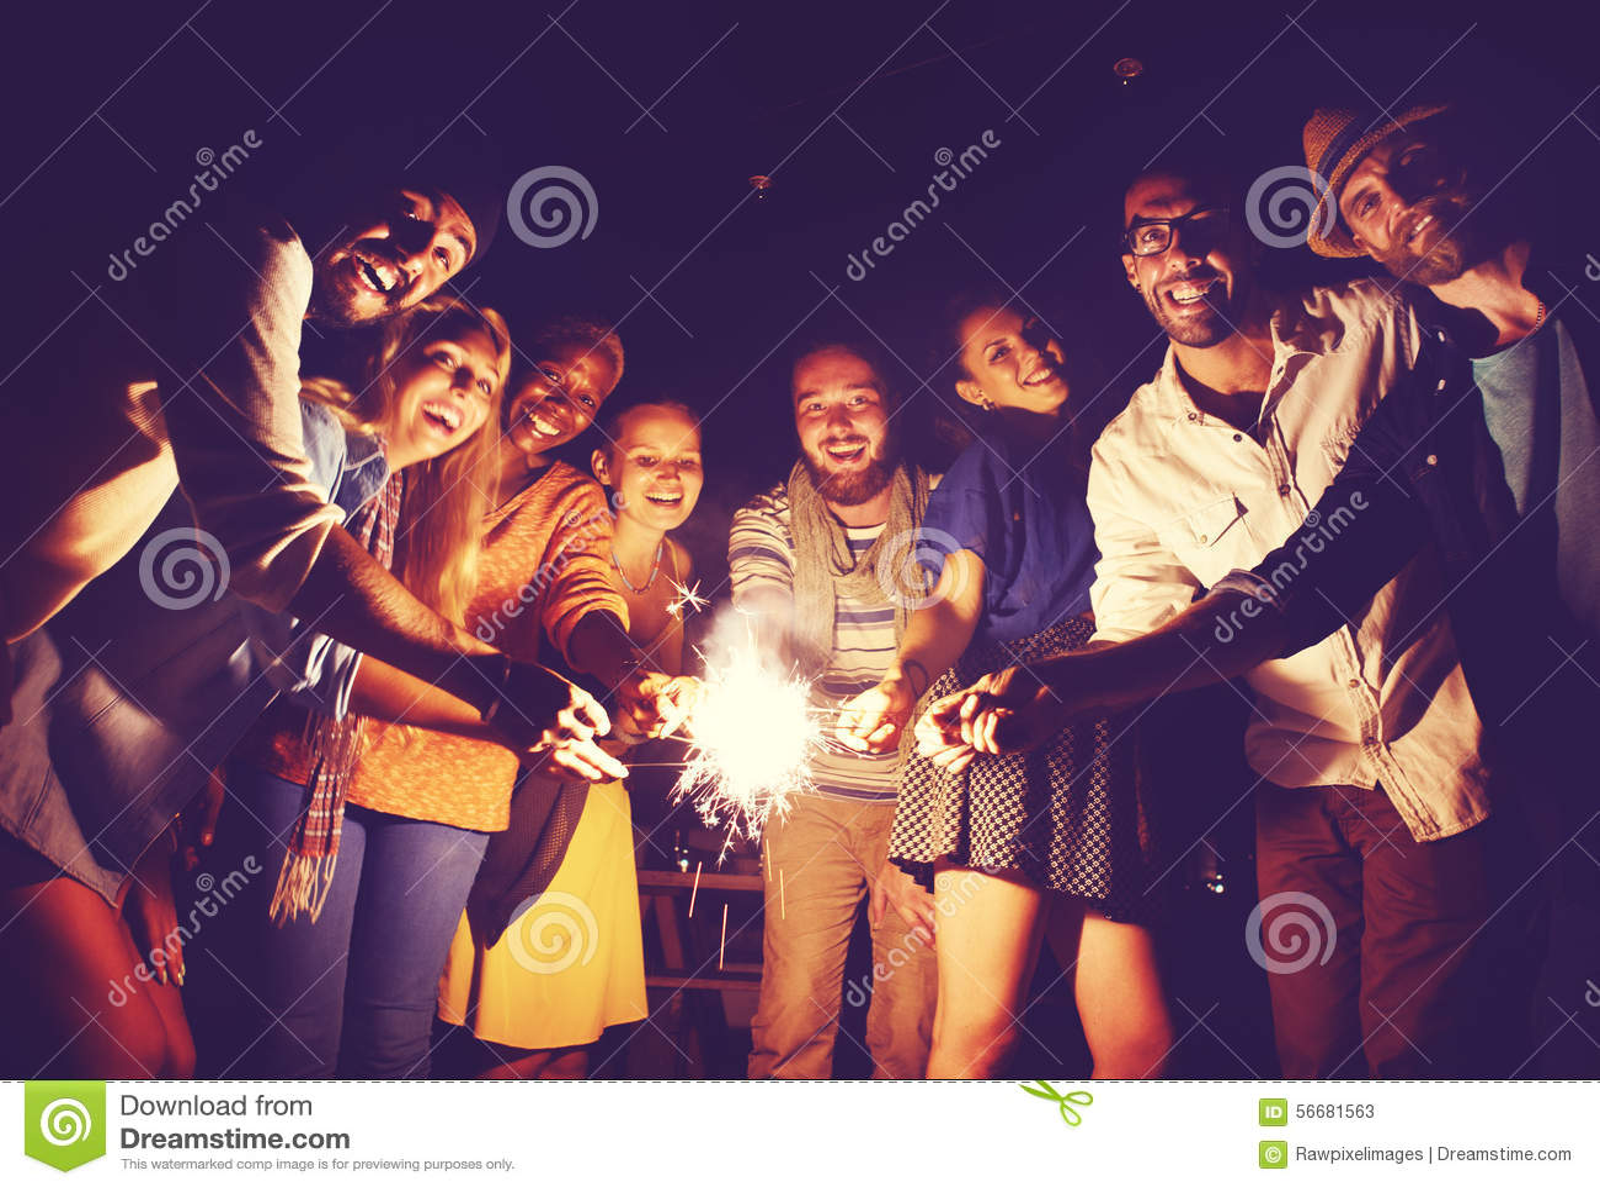 Concepto étnico diverso de la felicidad del ocio del partido de la amistad